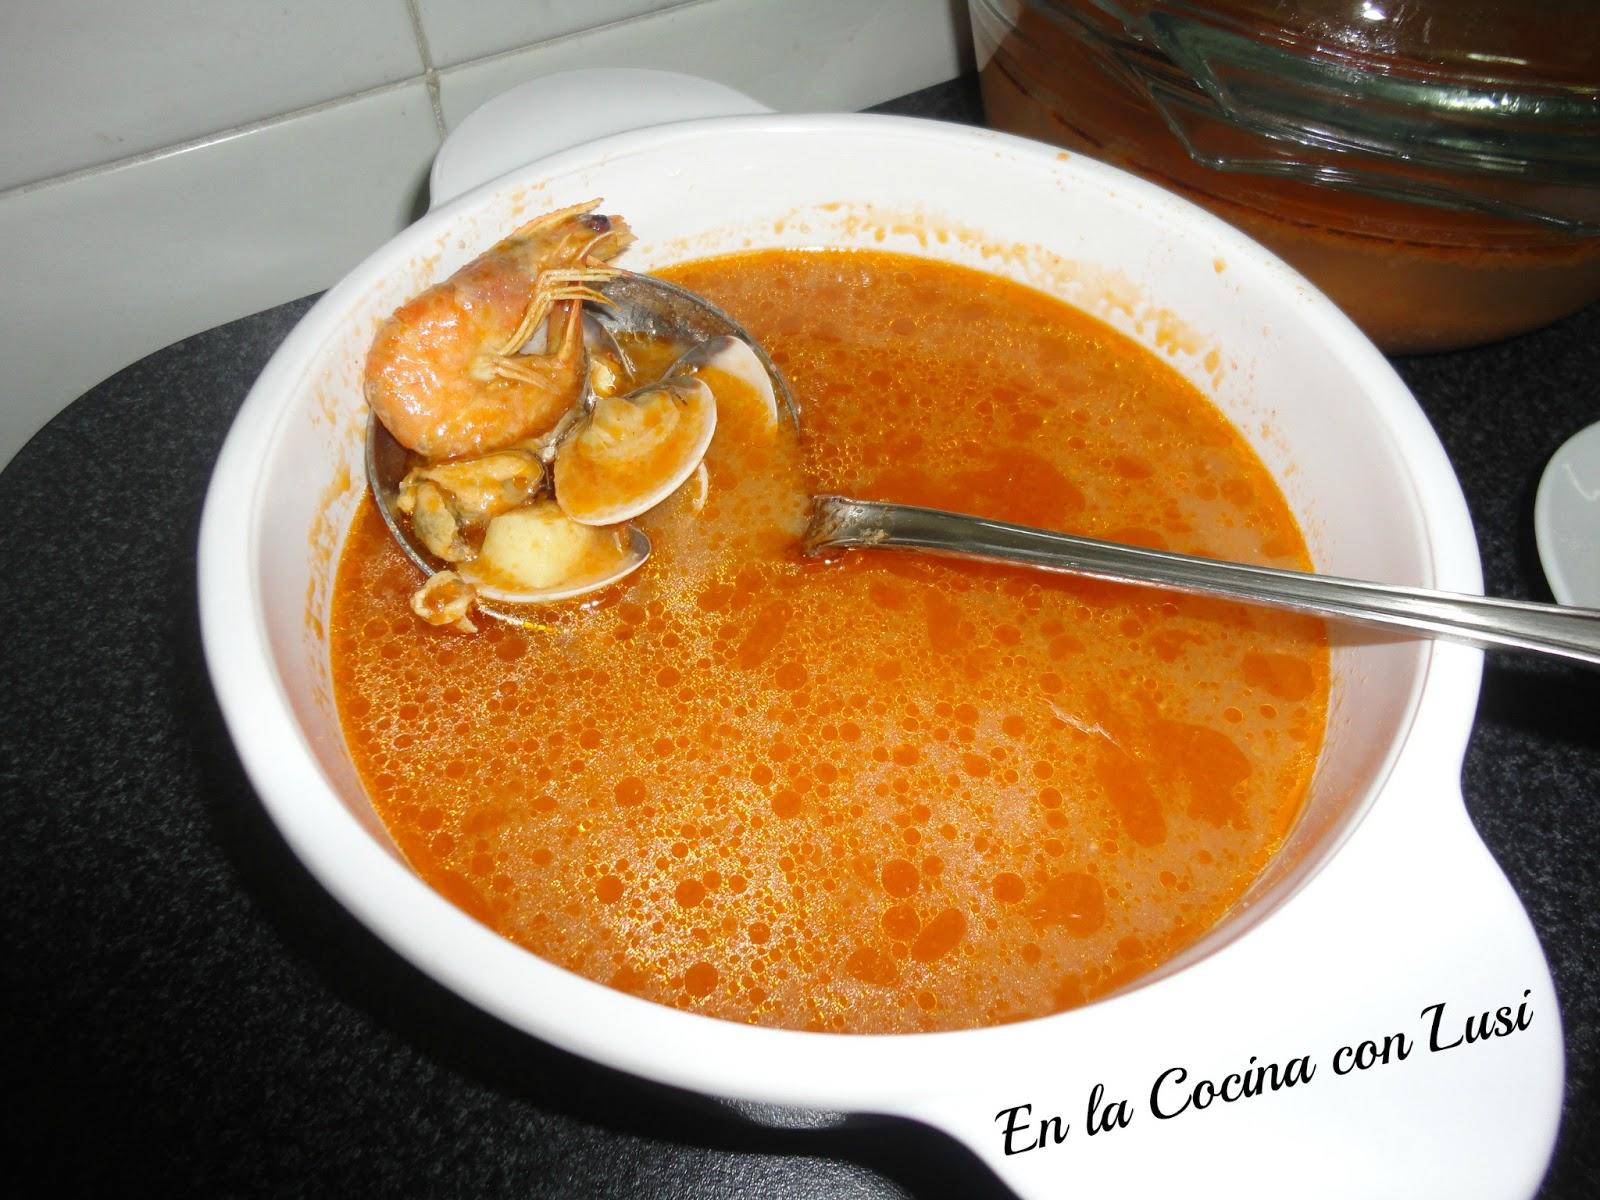 En la cocina con lusi sopa de pescado y mariscos - Sopa de marisco y pescado ...